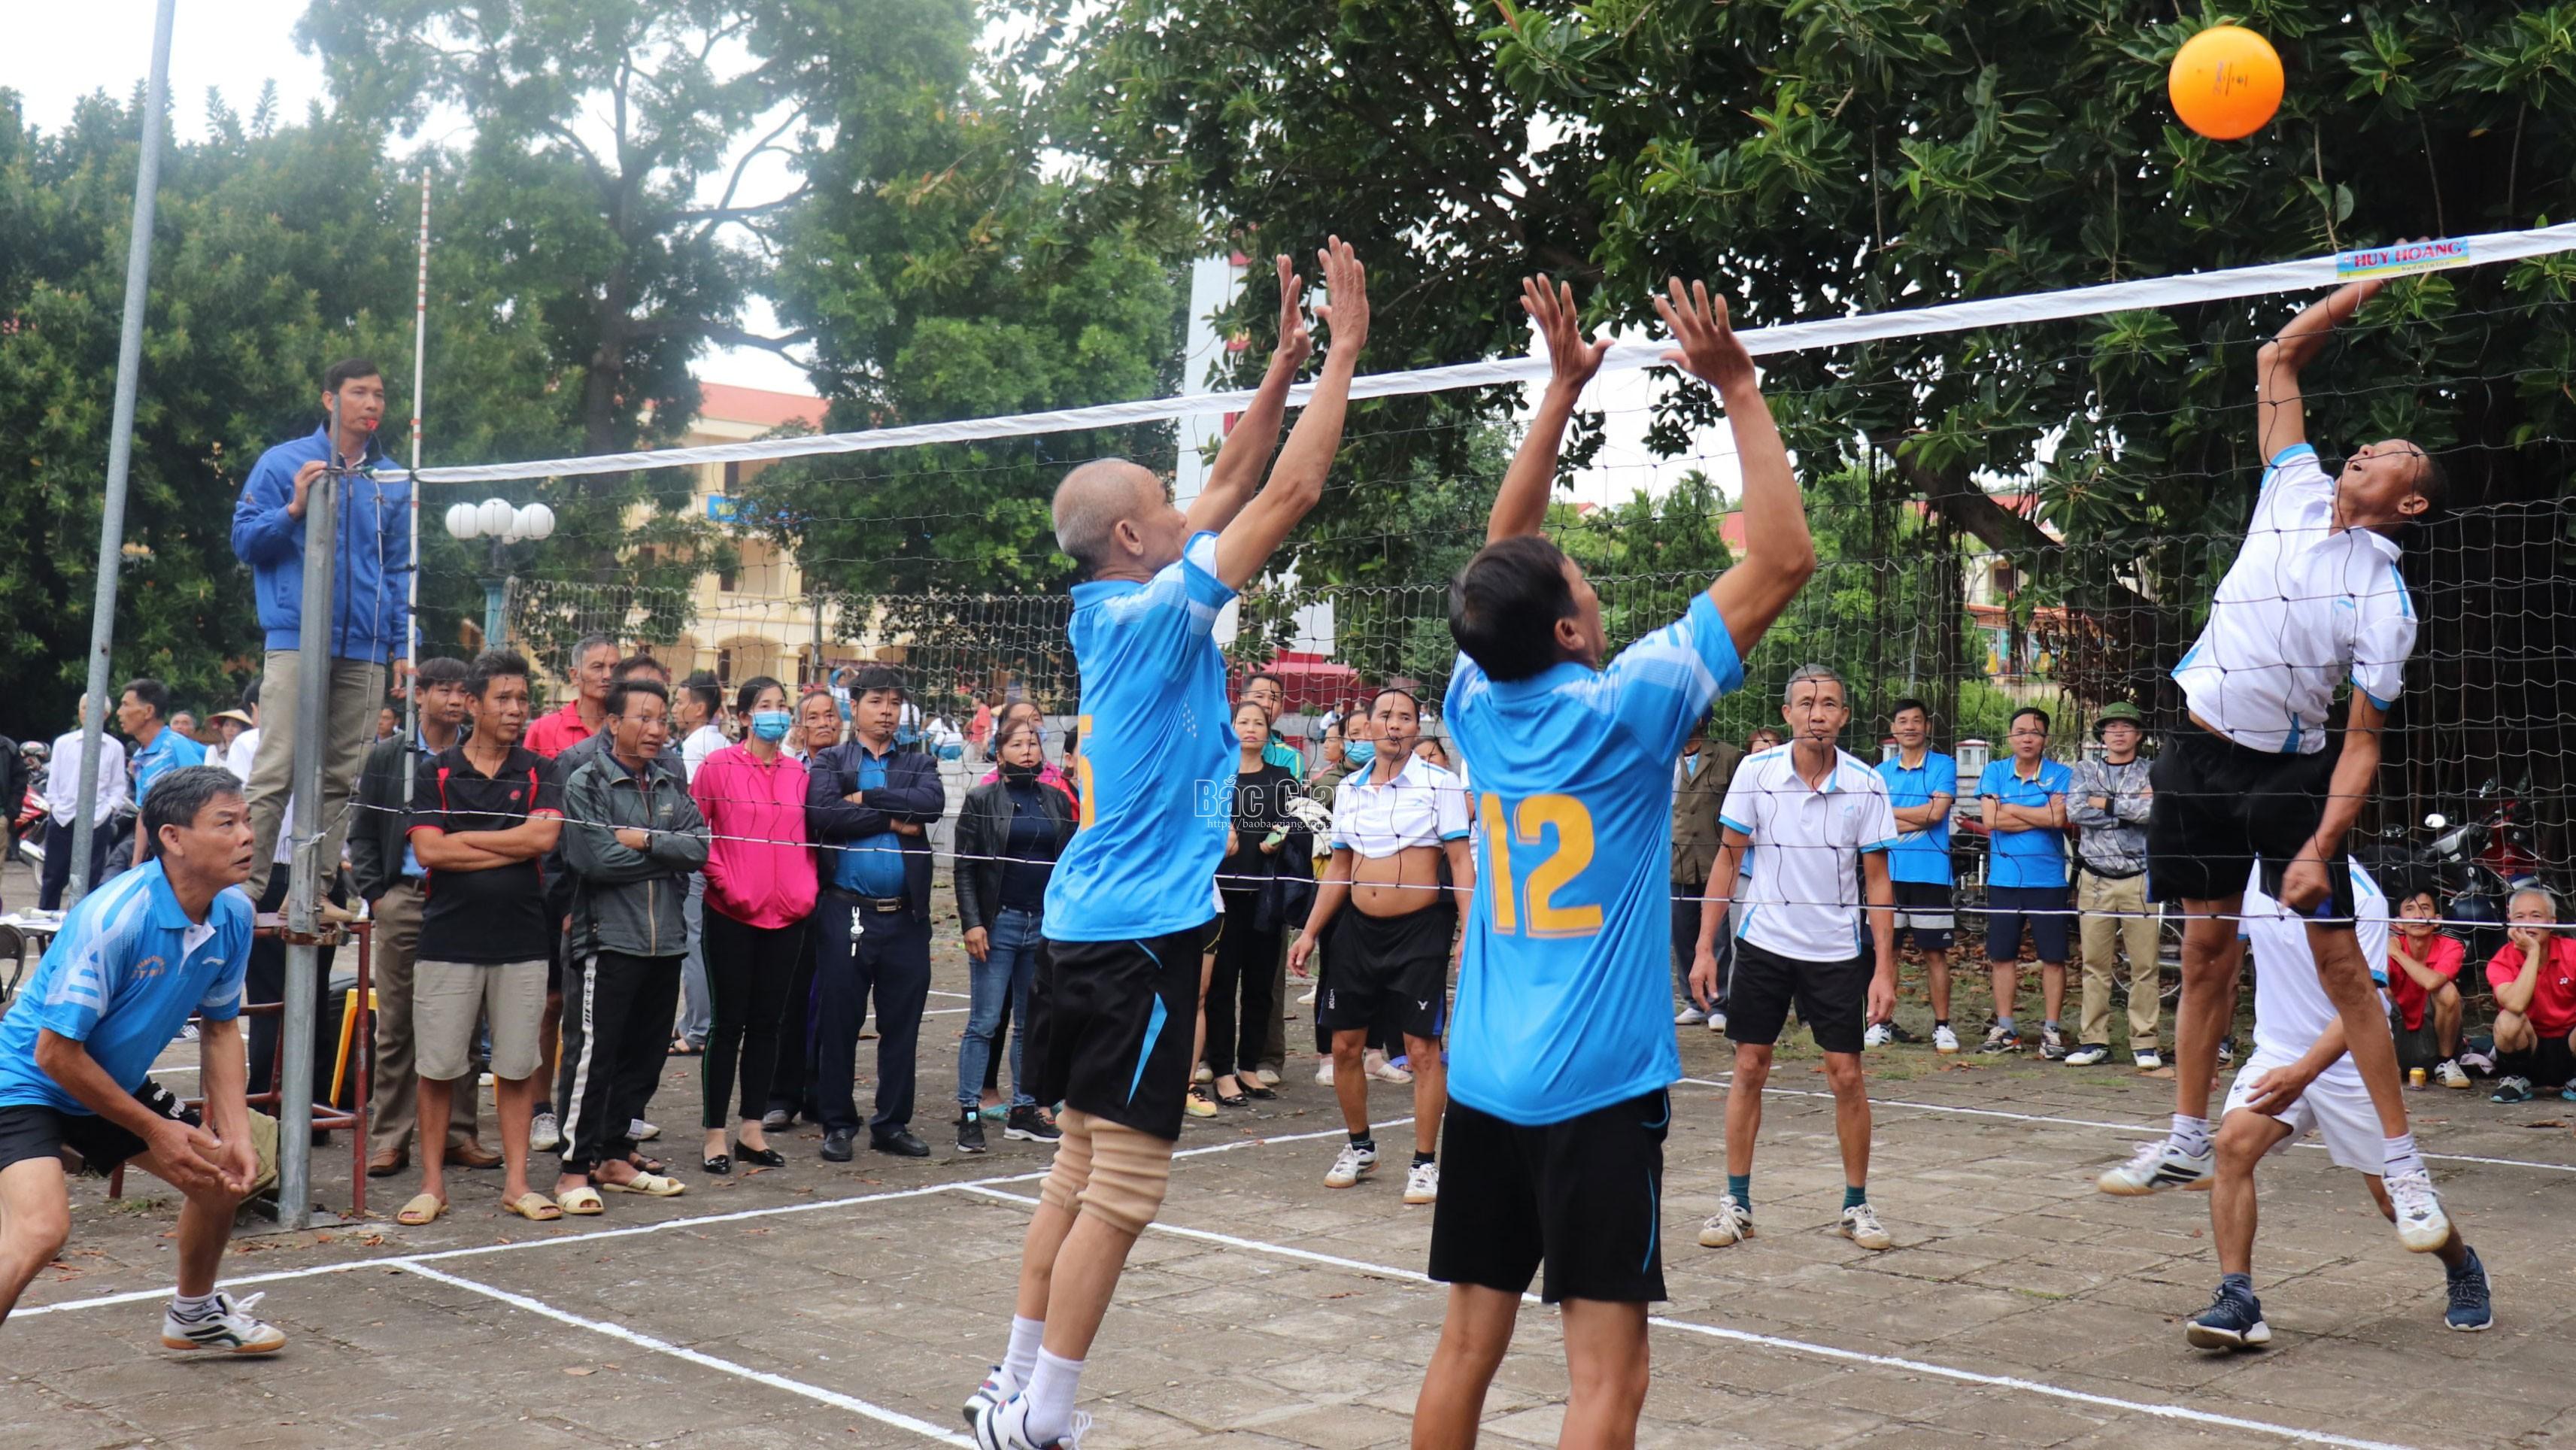 Bắc Giang: Gần 300 vận động viên thi đấu tại giải bóng chuyền hơi